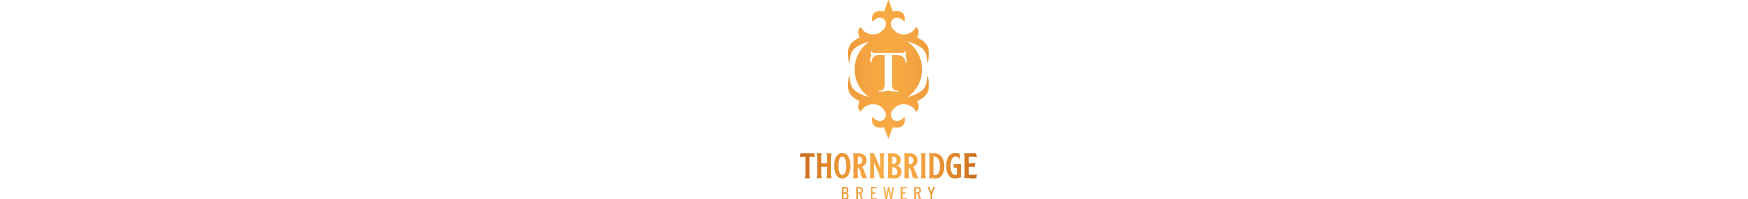 Thornbridge 2.png